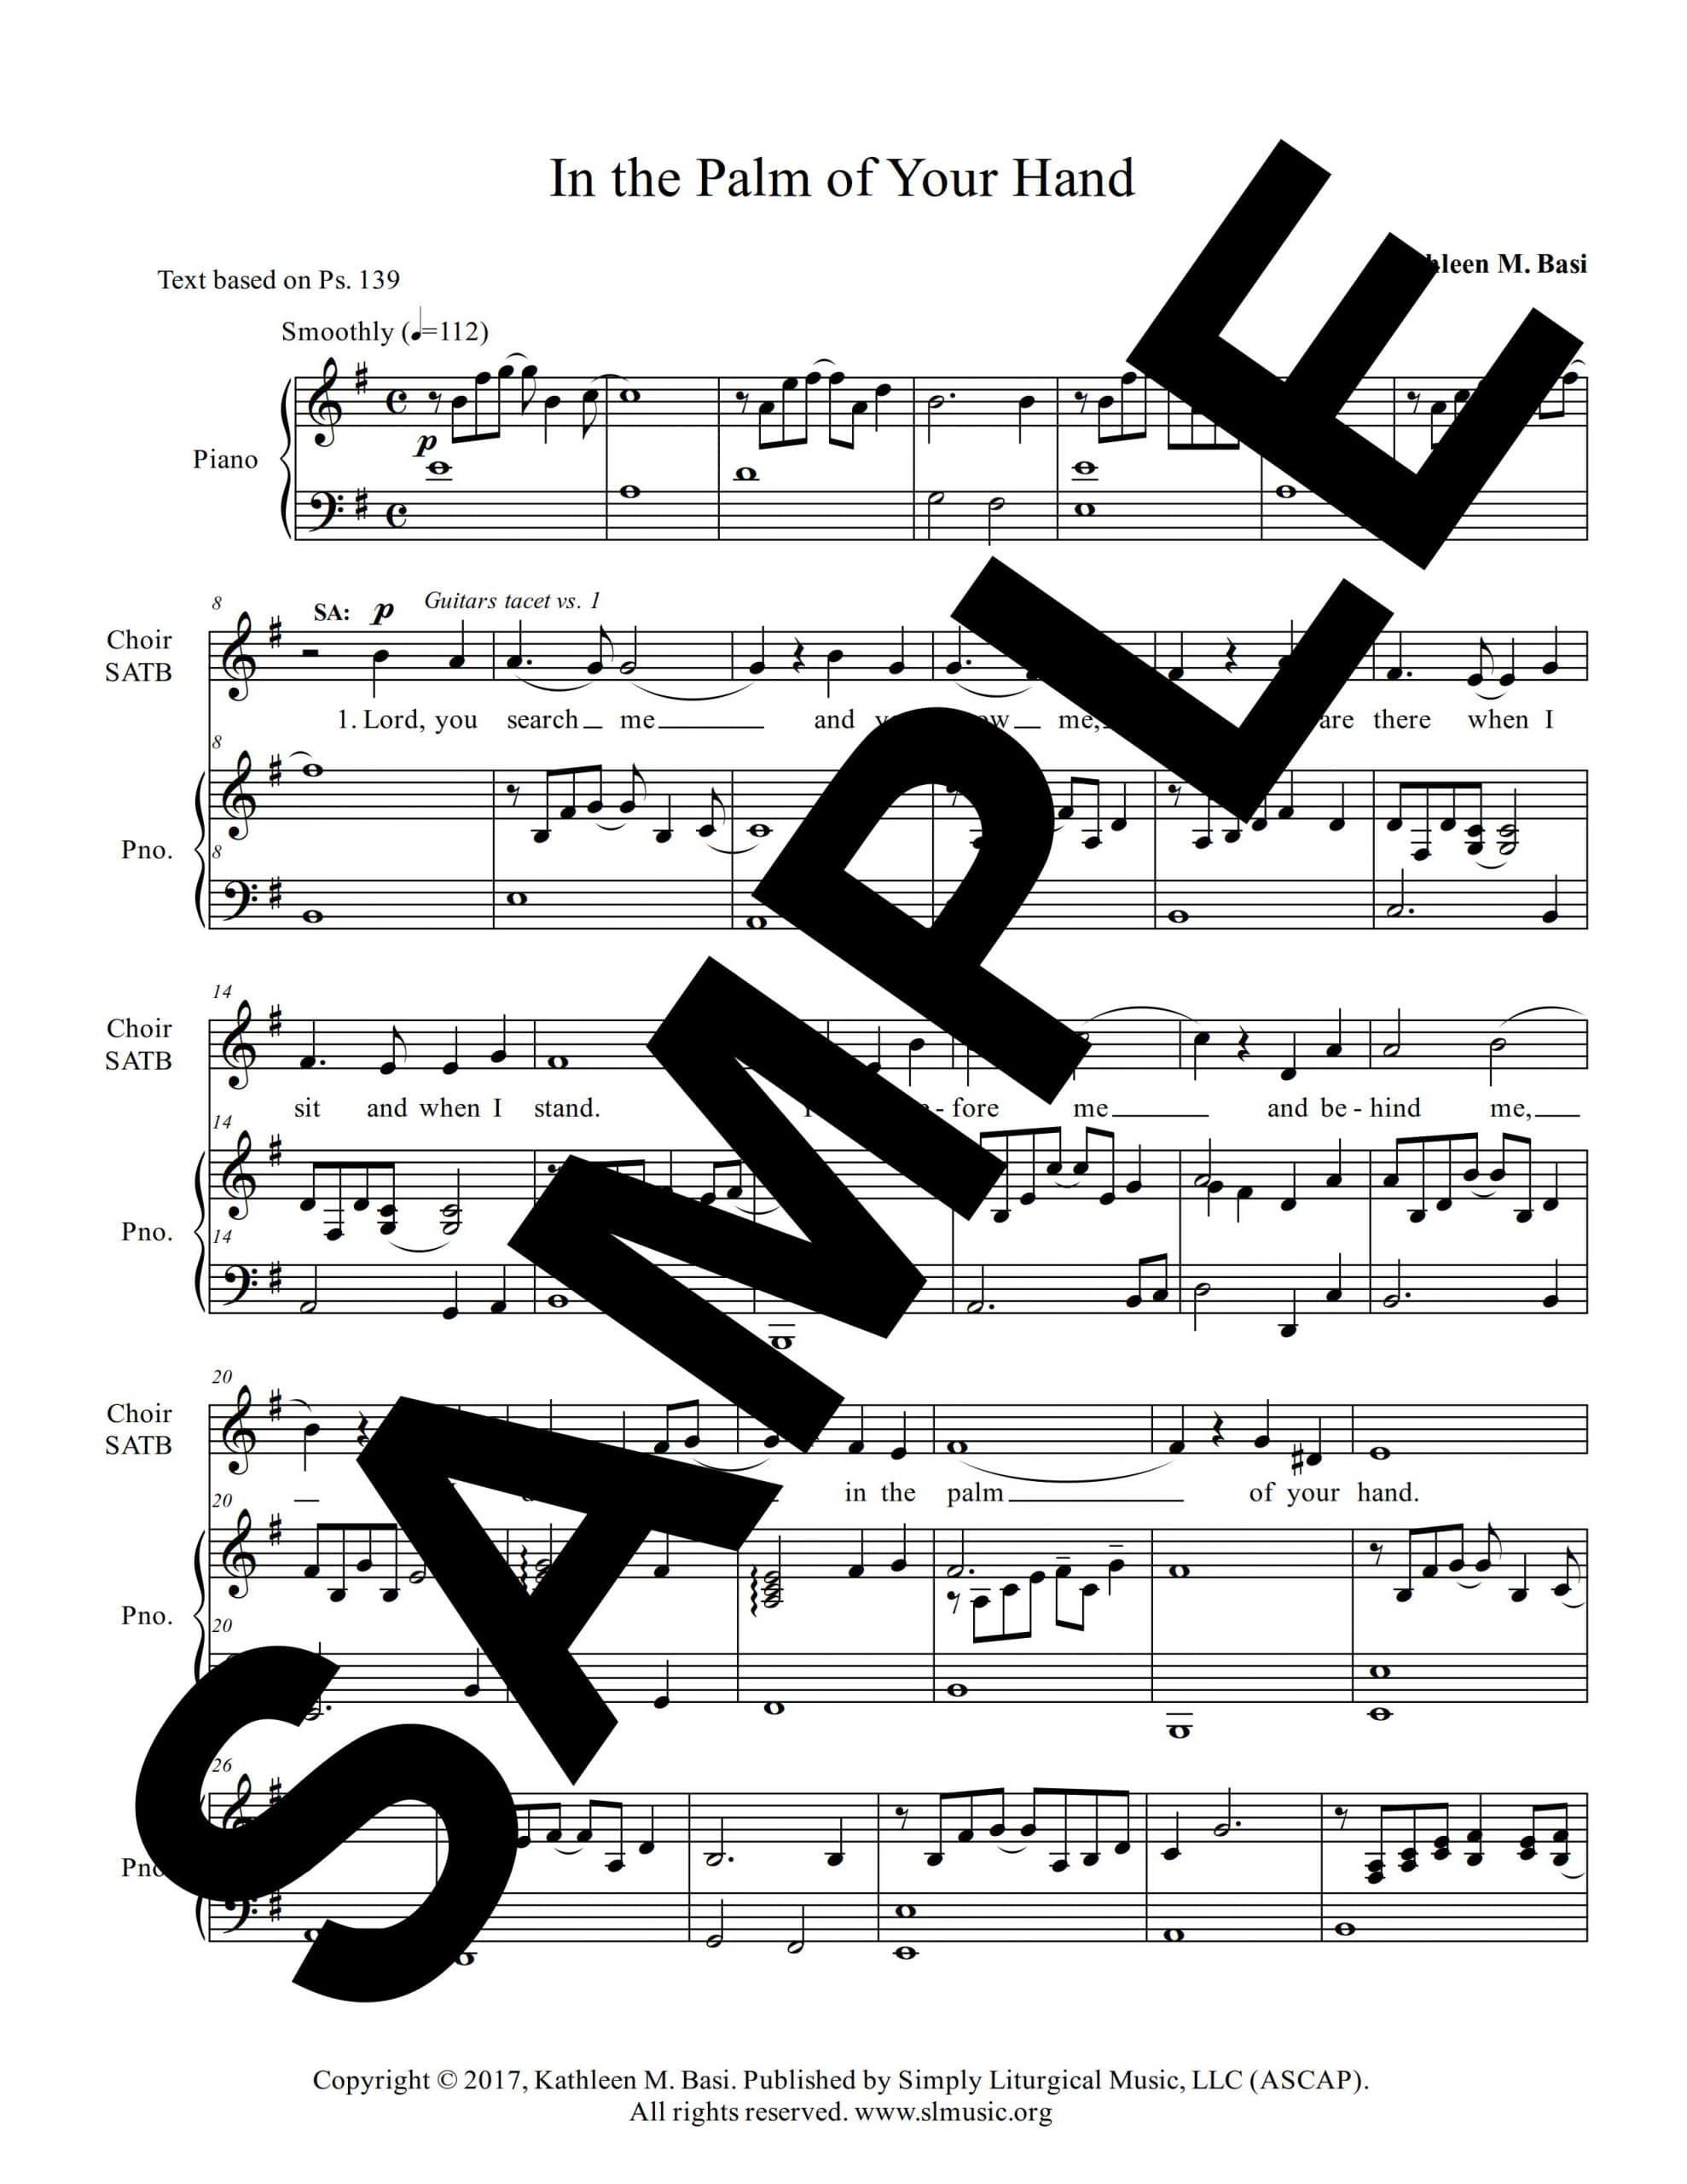 inthepalmofyourhand sampleoctavo scaled